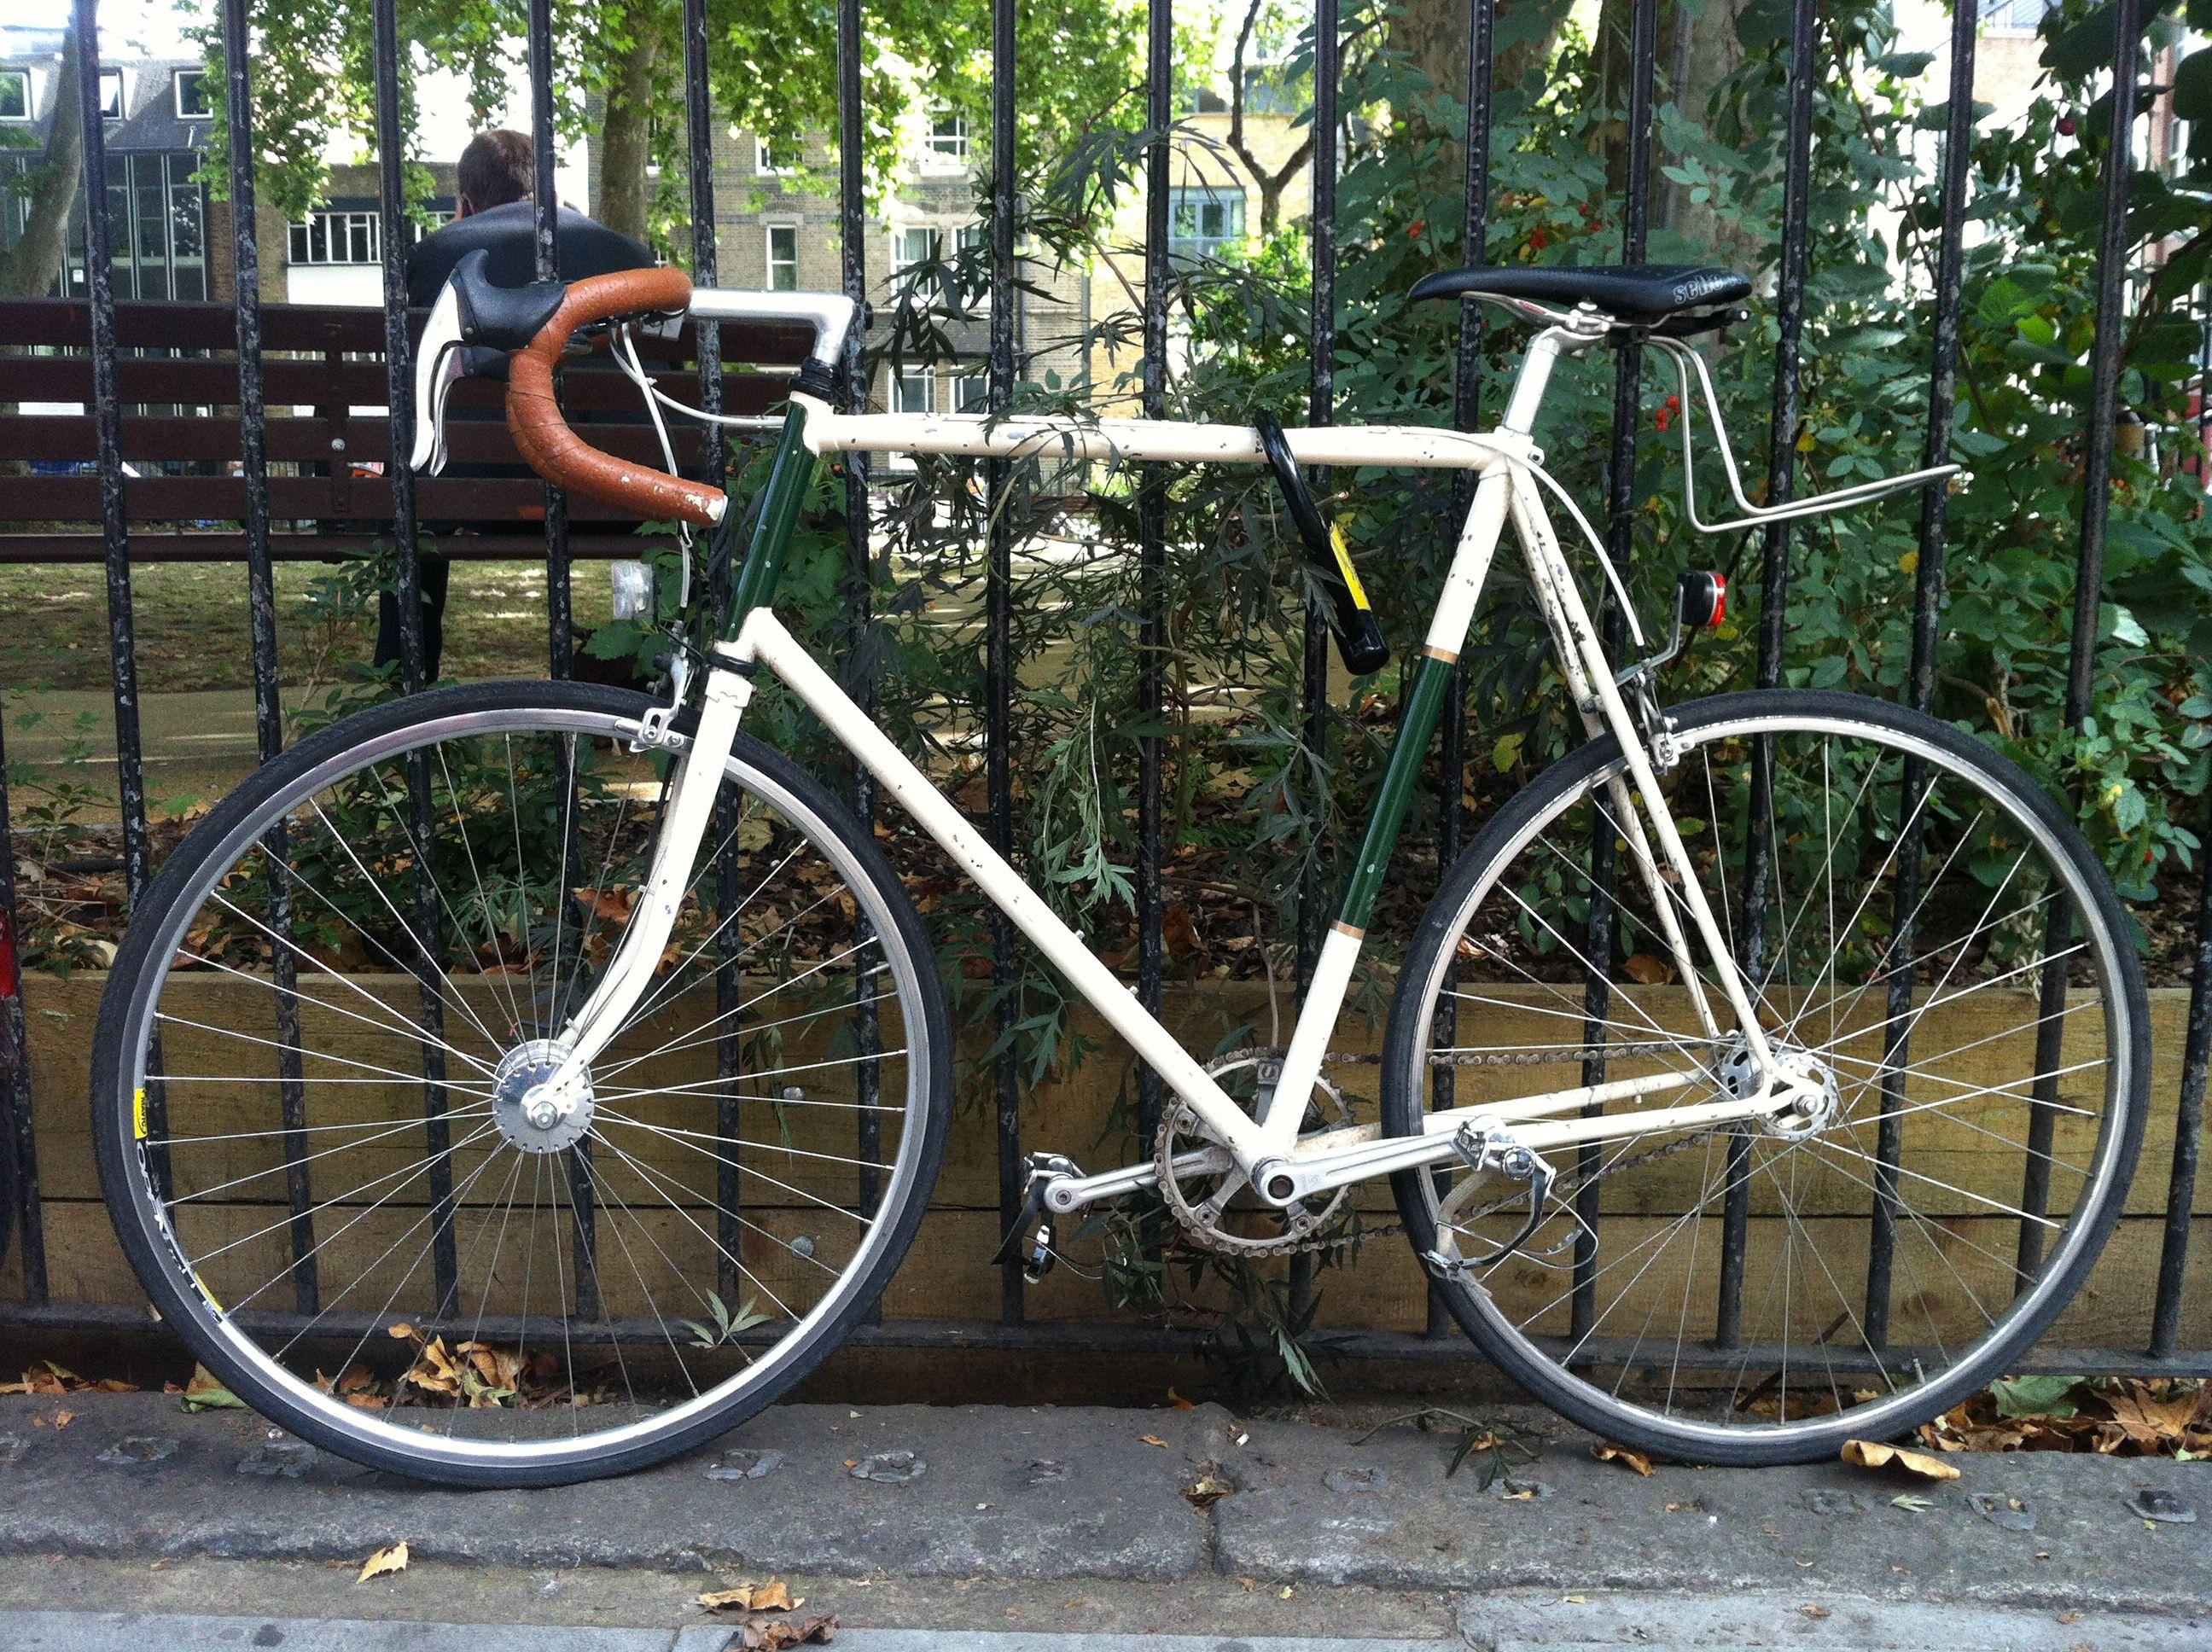 white and green bike, london